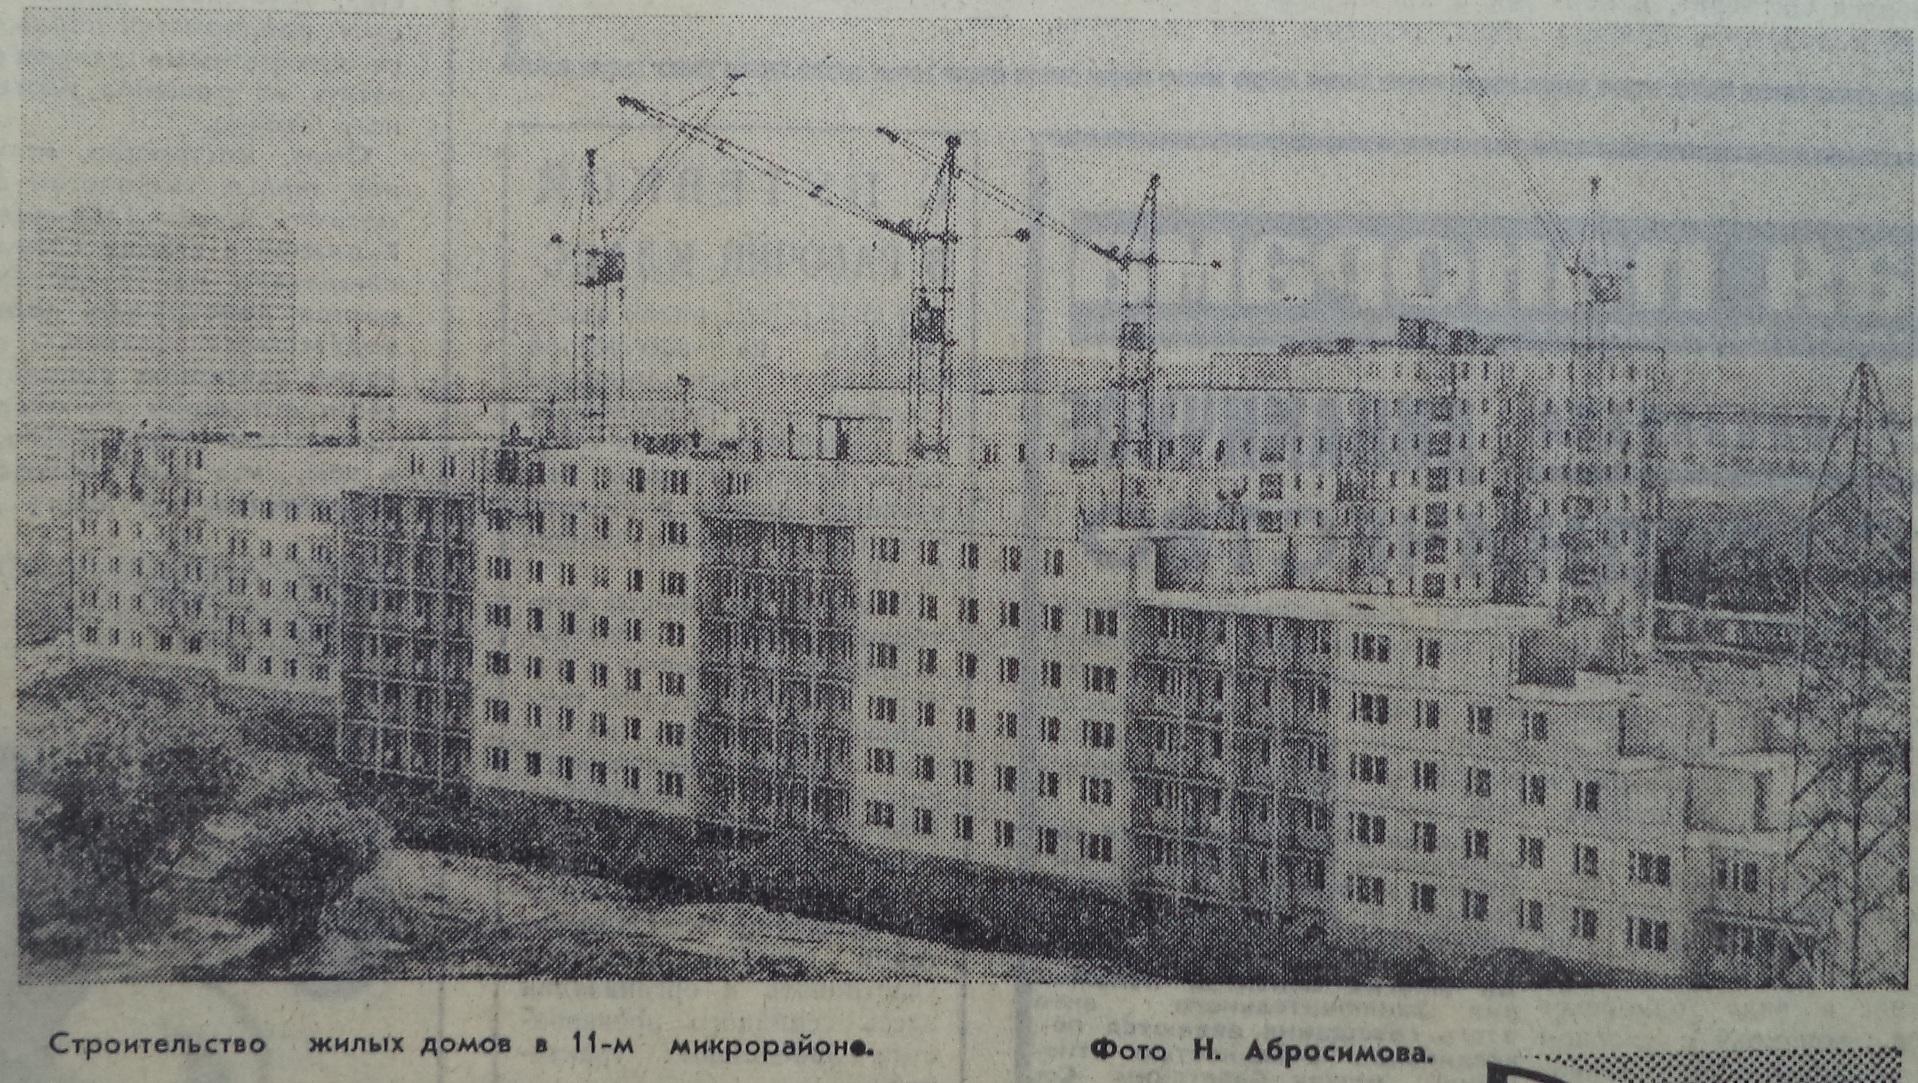 Московское-ФОТО-27-ВЗя-1976-06-25-фото из XI мкр.